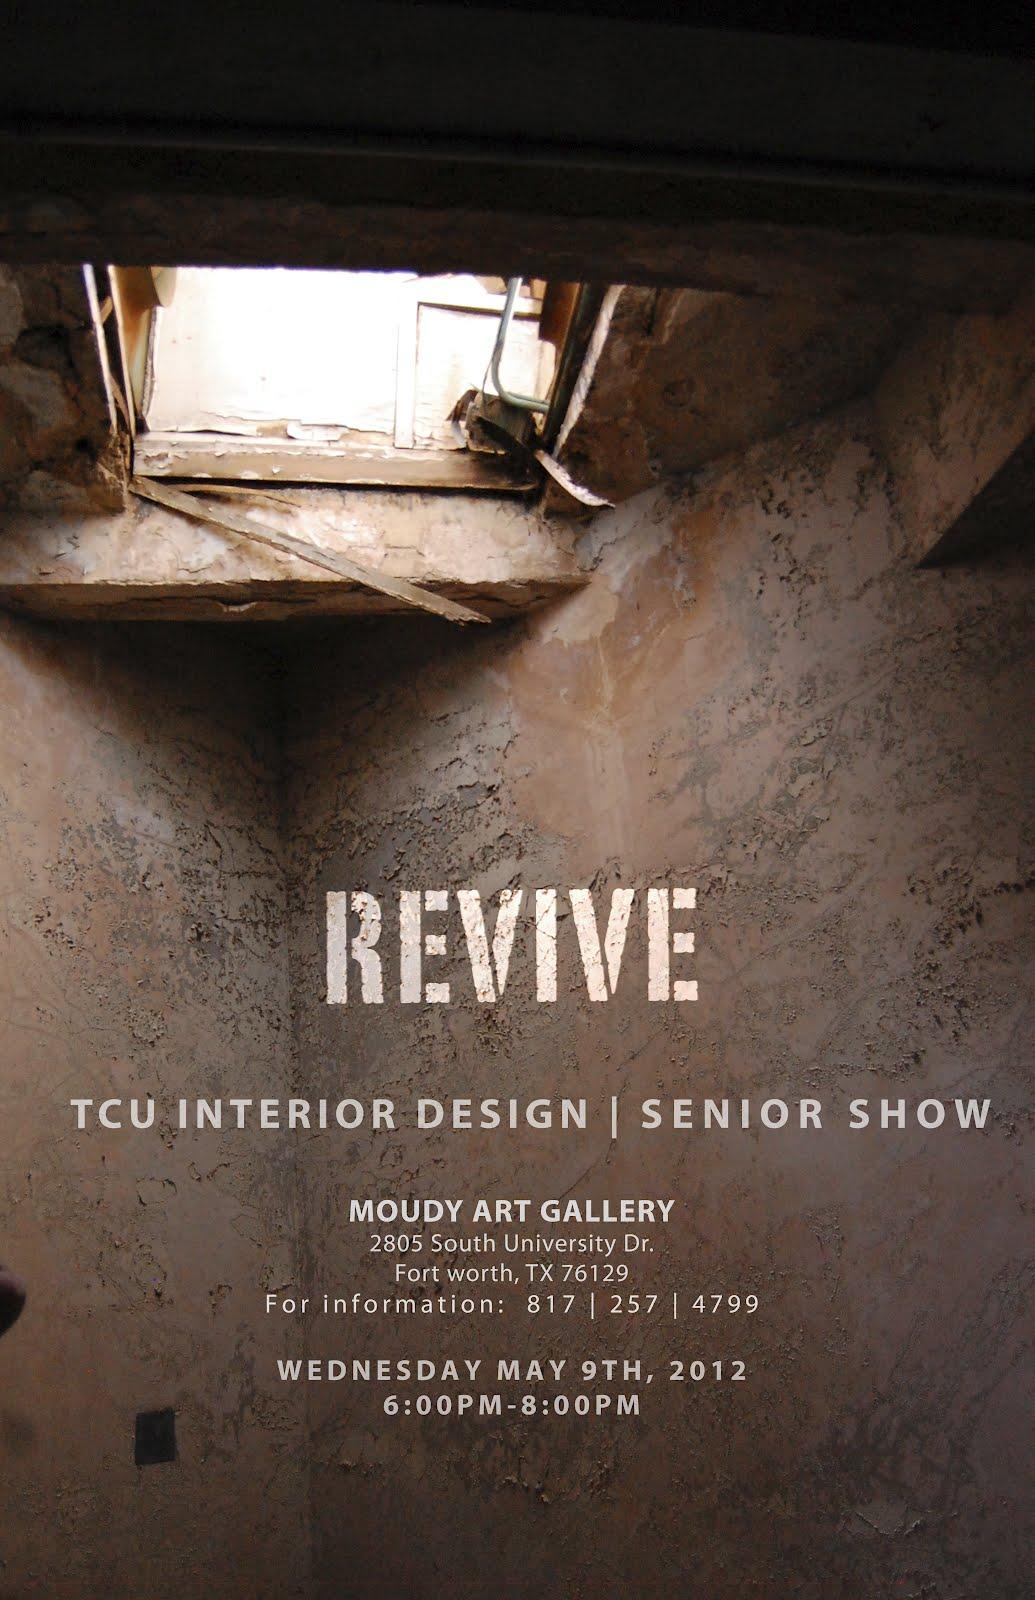 Inside inc tcu interior design senior show for Interior design firms fort worth tx